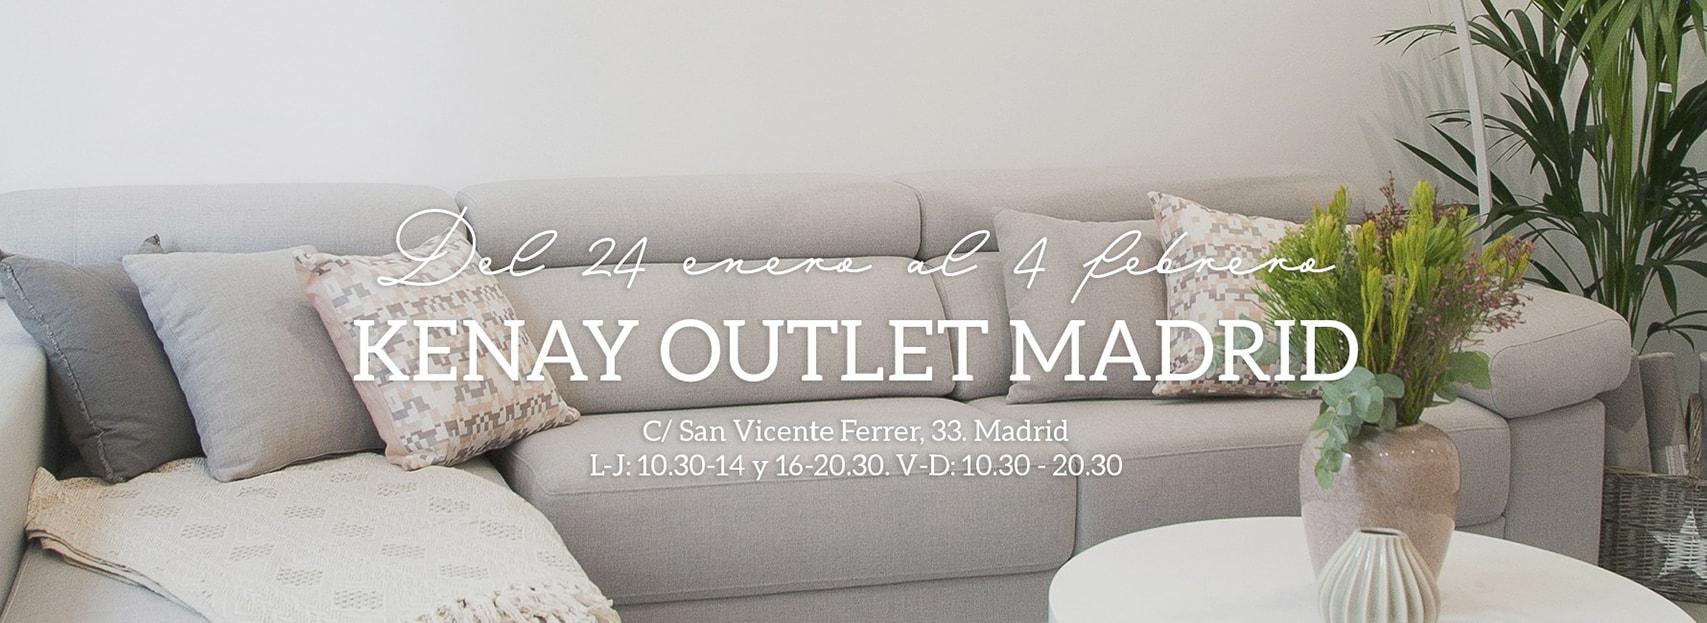 Tienda de muebles y decoraci n estilos vintage y n rdico - Kenay home outlet ...